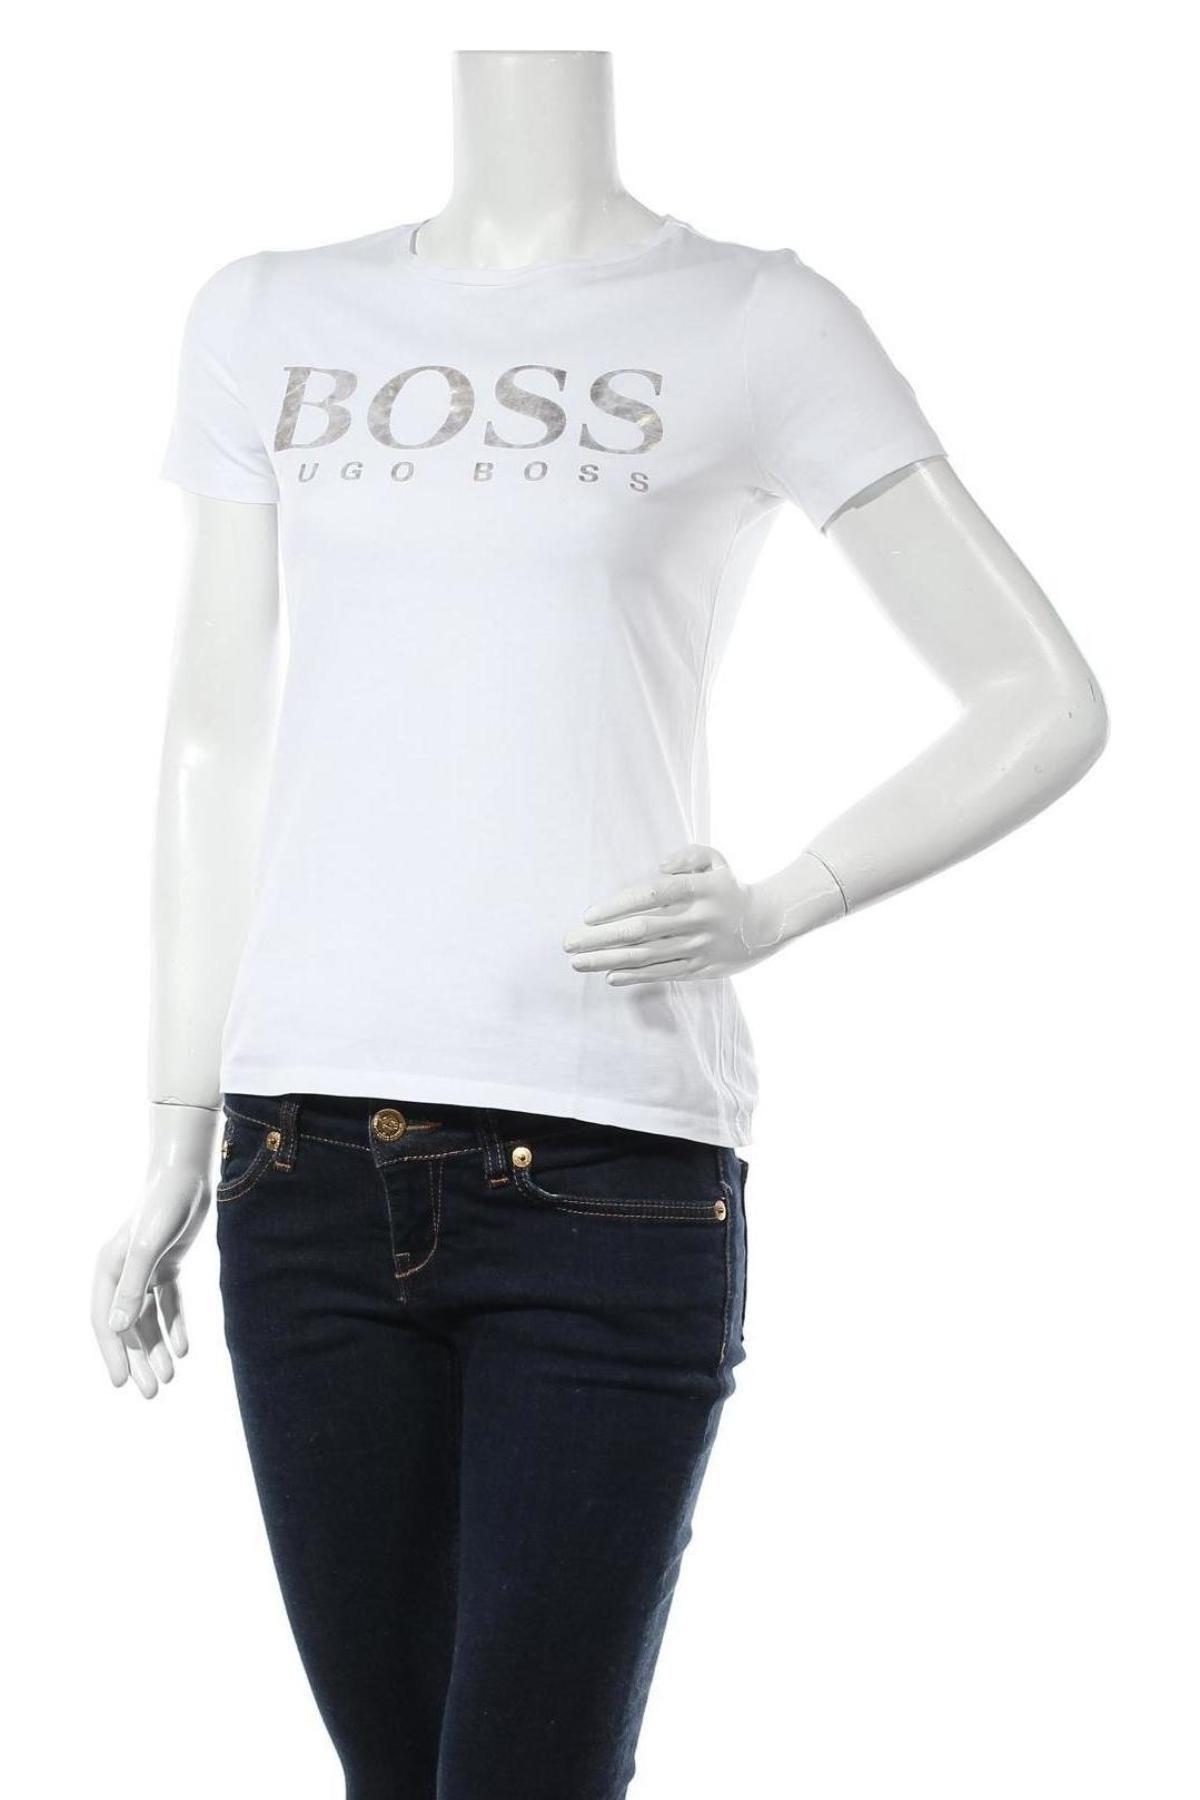 Дамска тениска Boss, Размер XS, Цвят Бял, Памук, Цена 94,52лв.